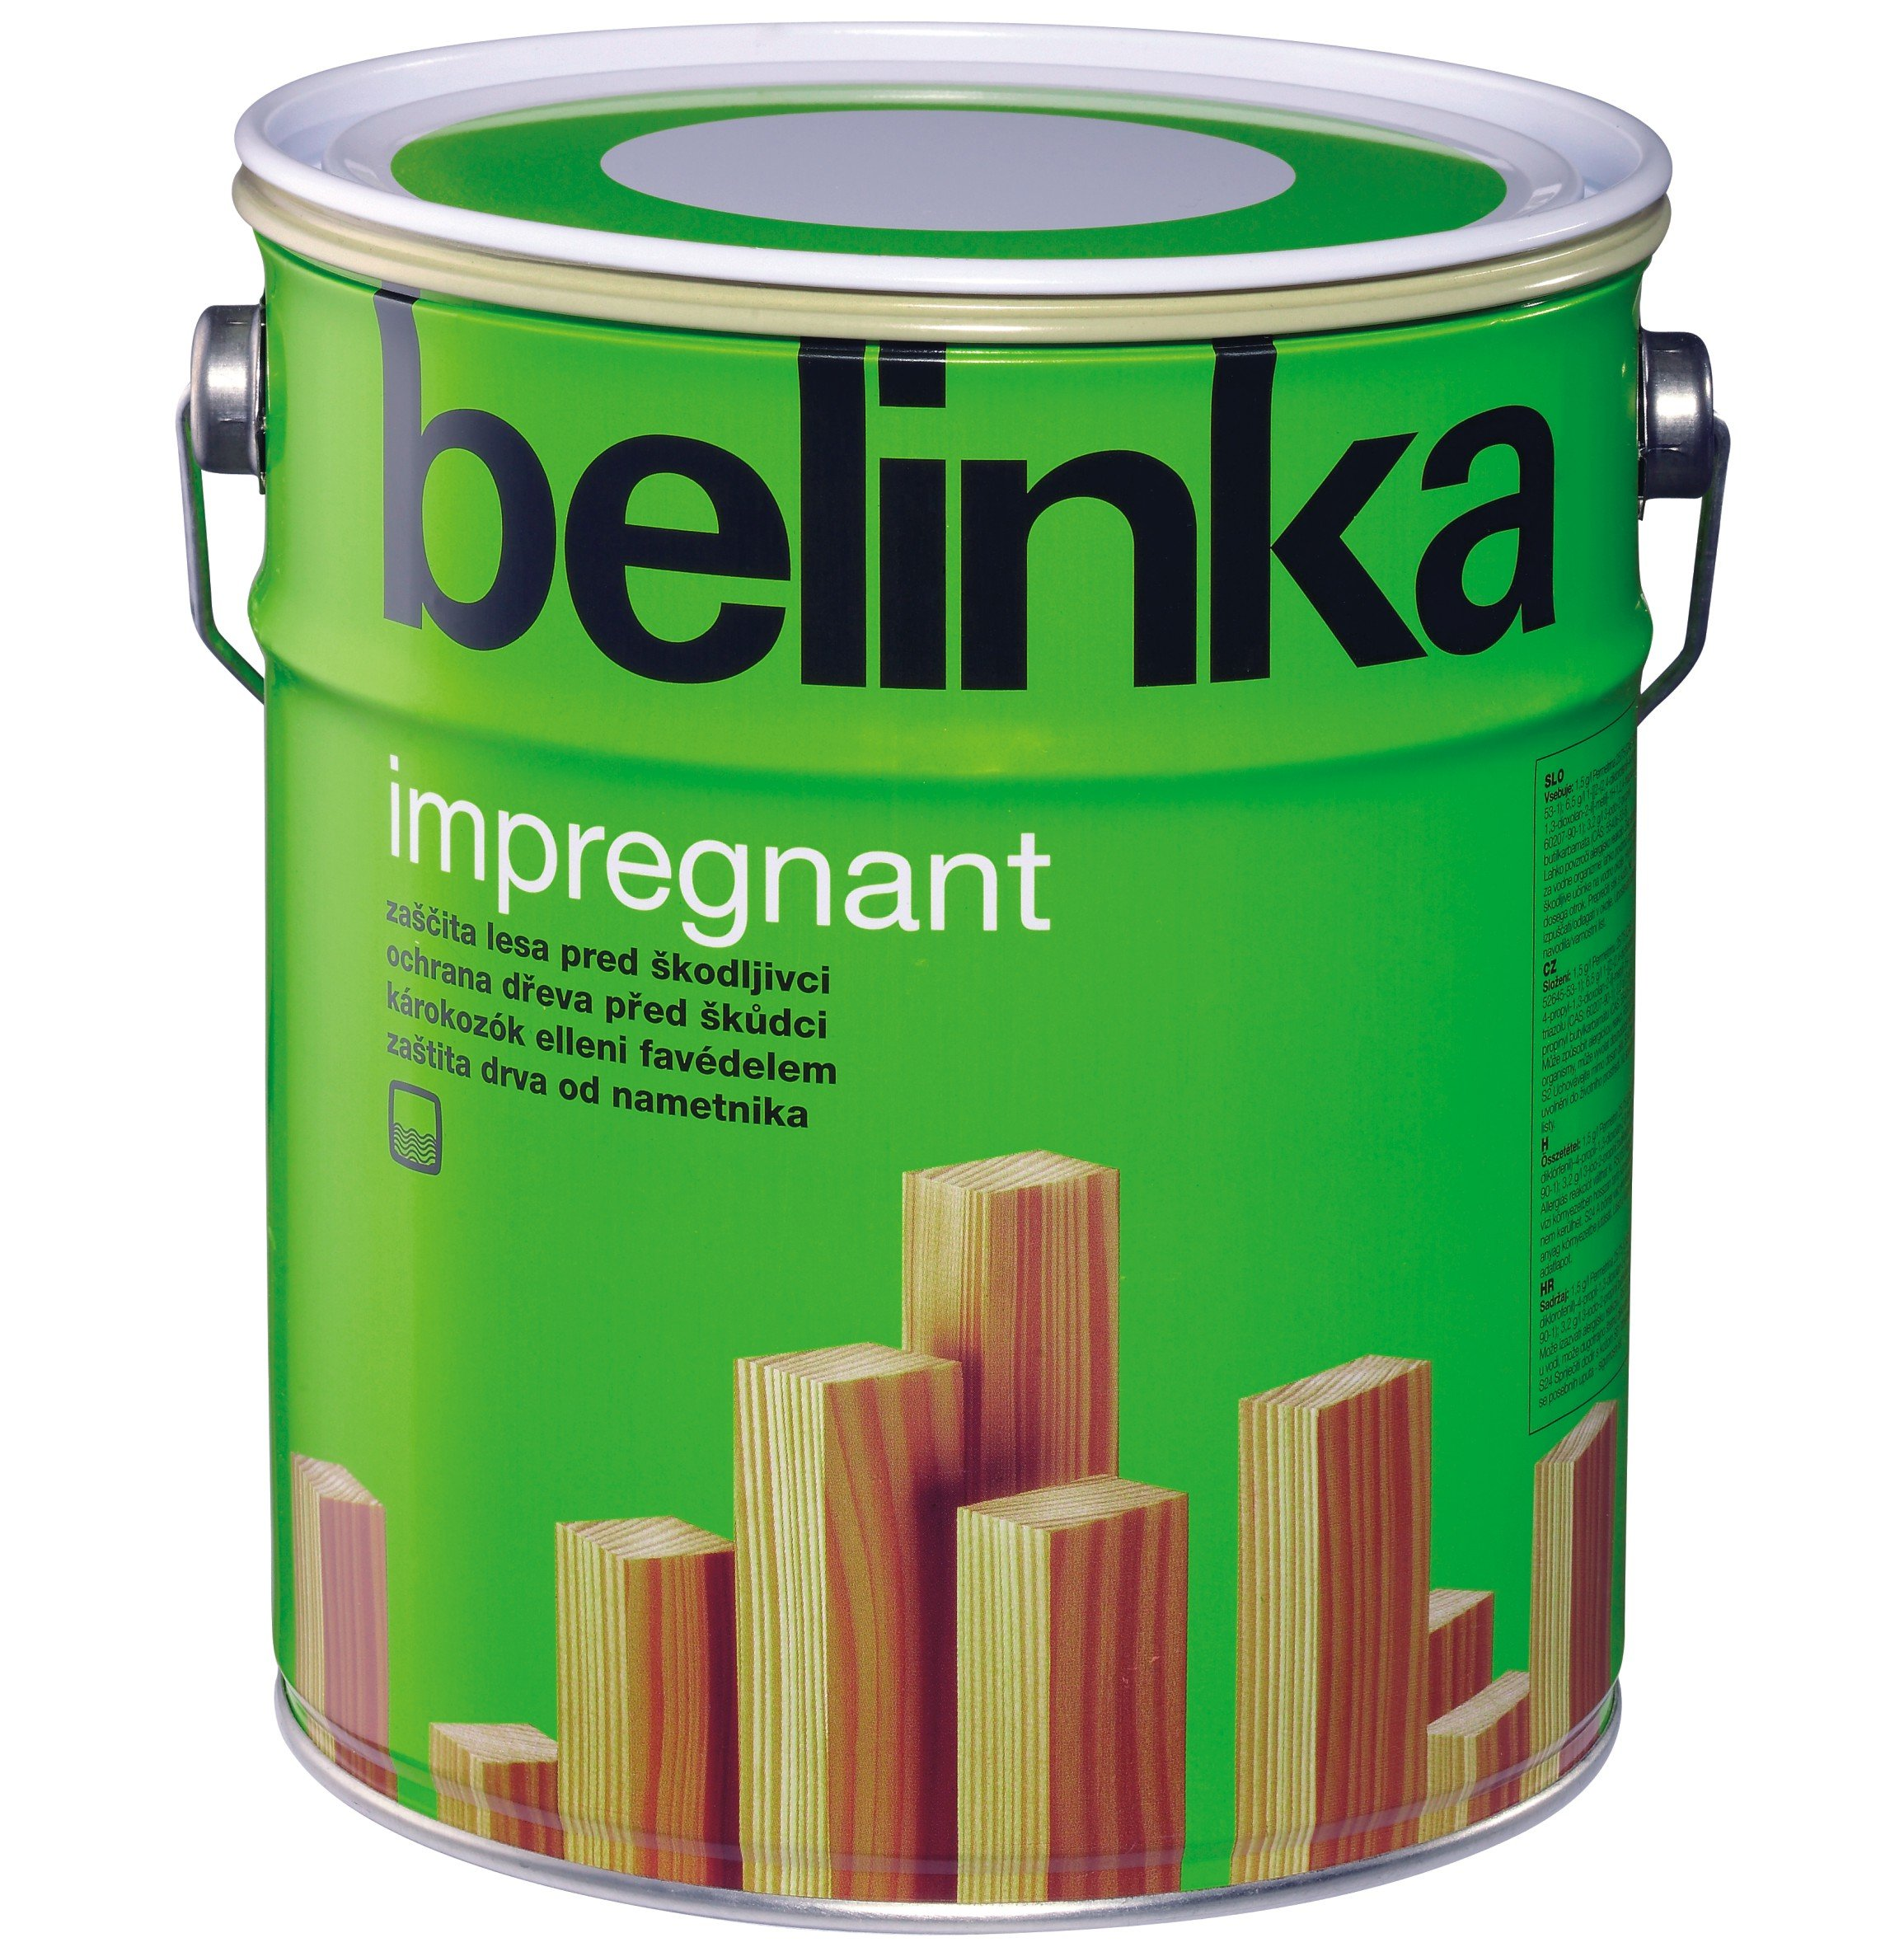 Belinka Impregnant - бесцветная грунтовка-антисептик на водной основе для древесины, 2.5 л.